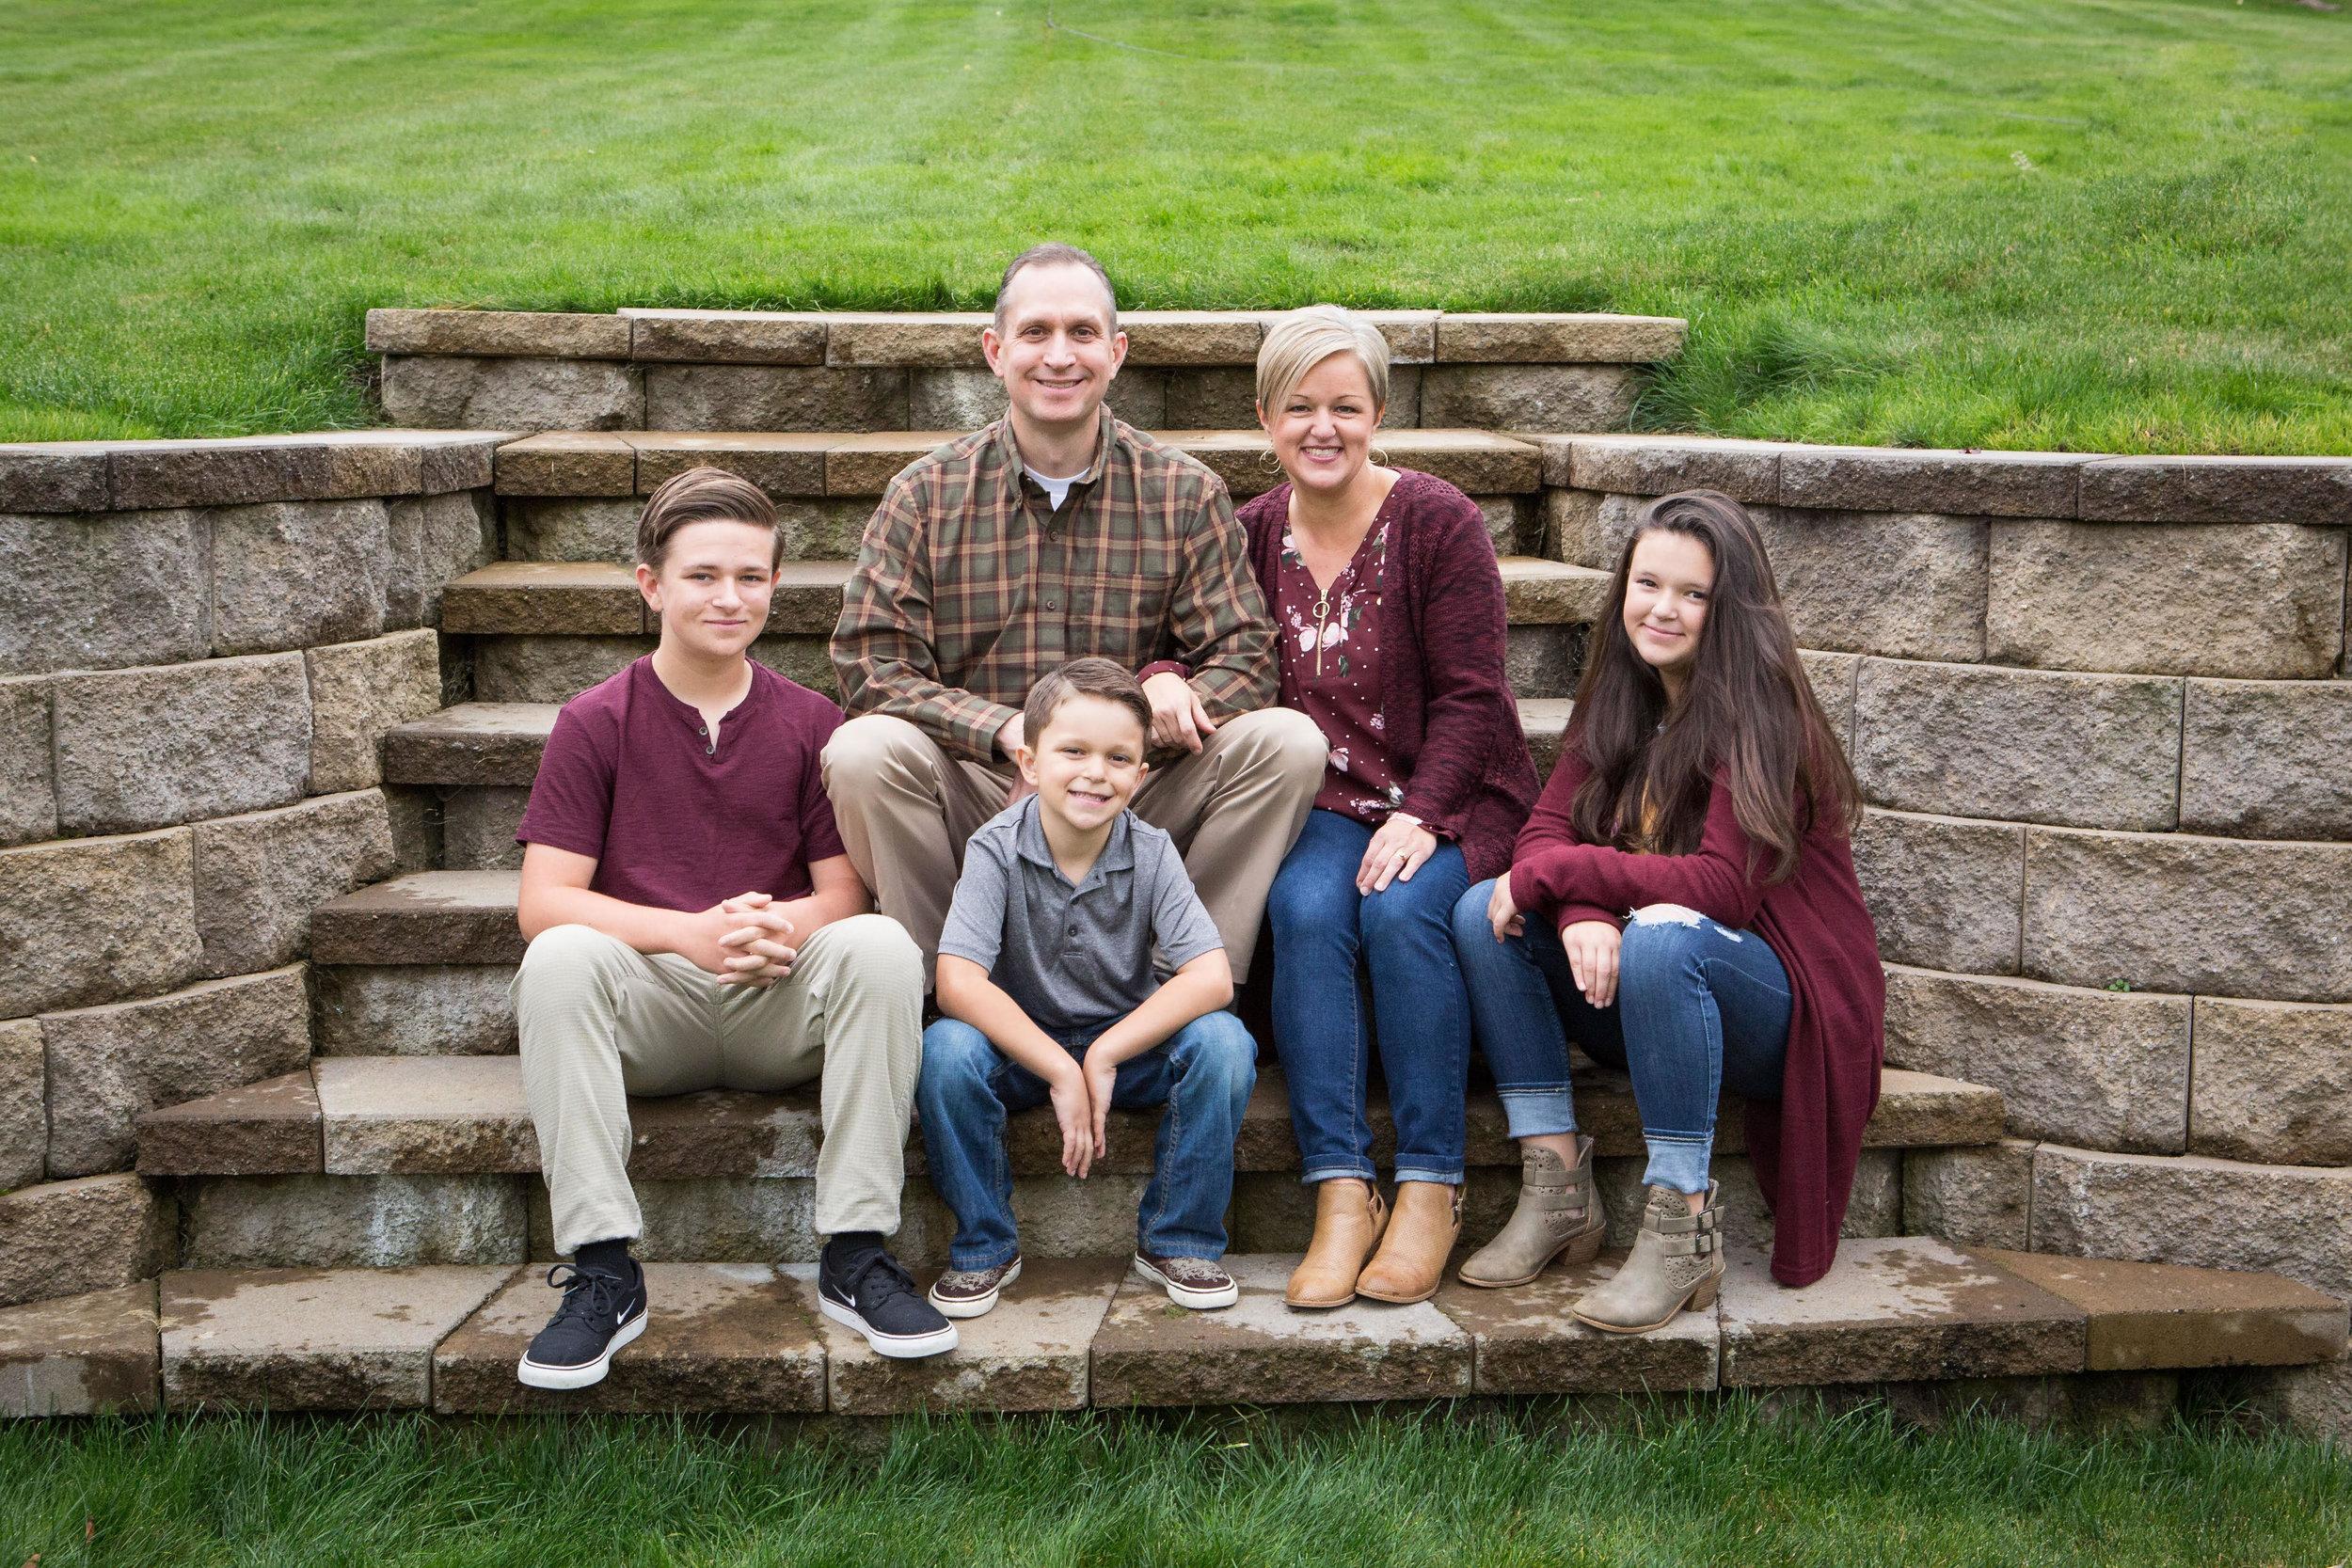 butterfieldfamily.jpg